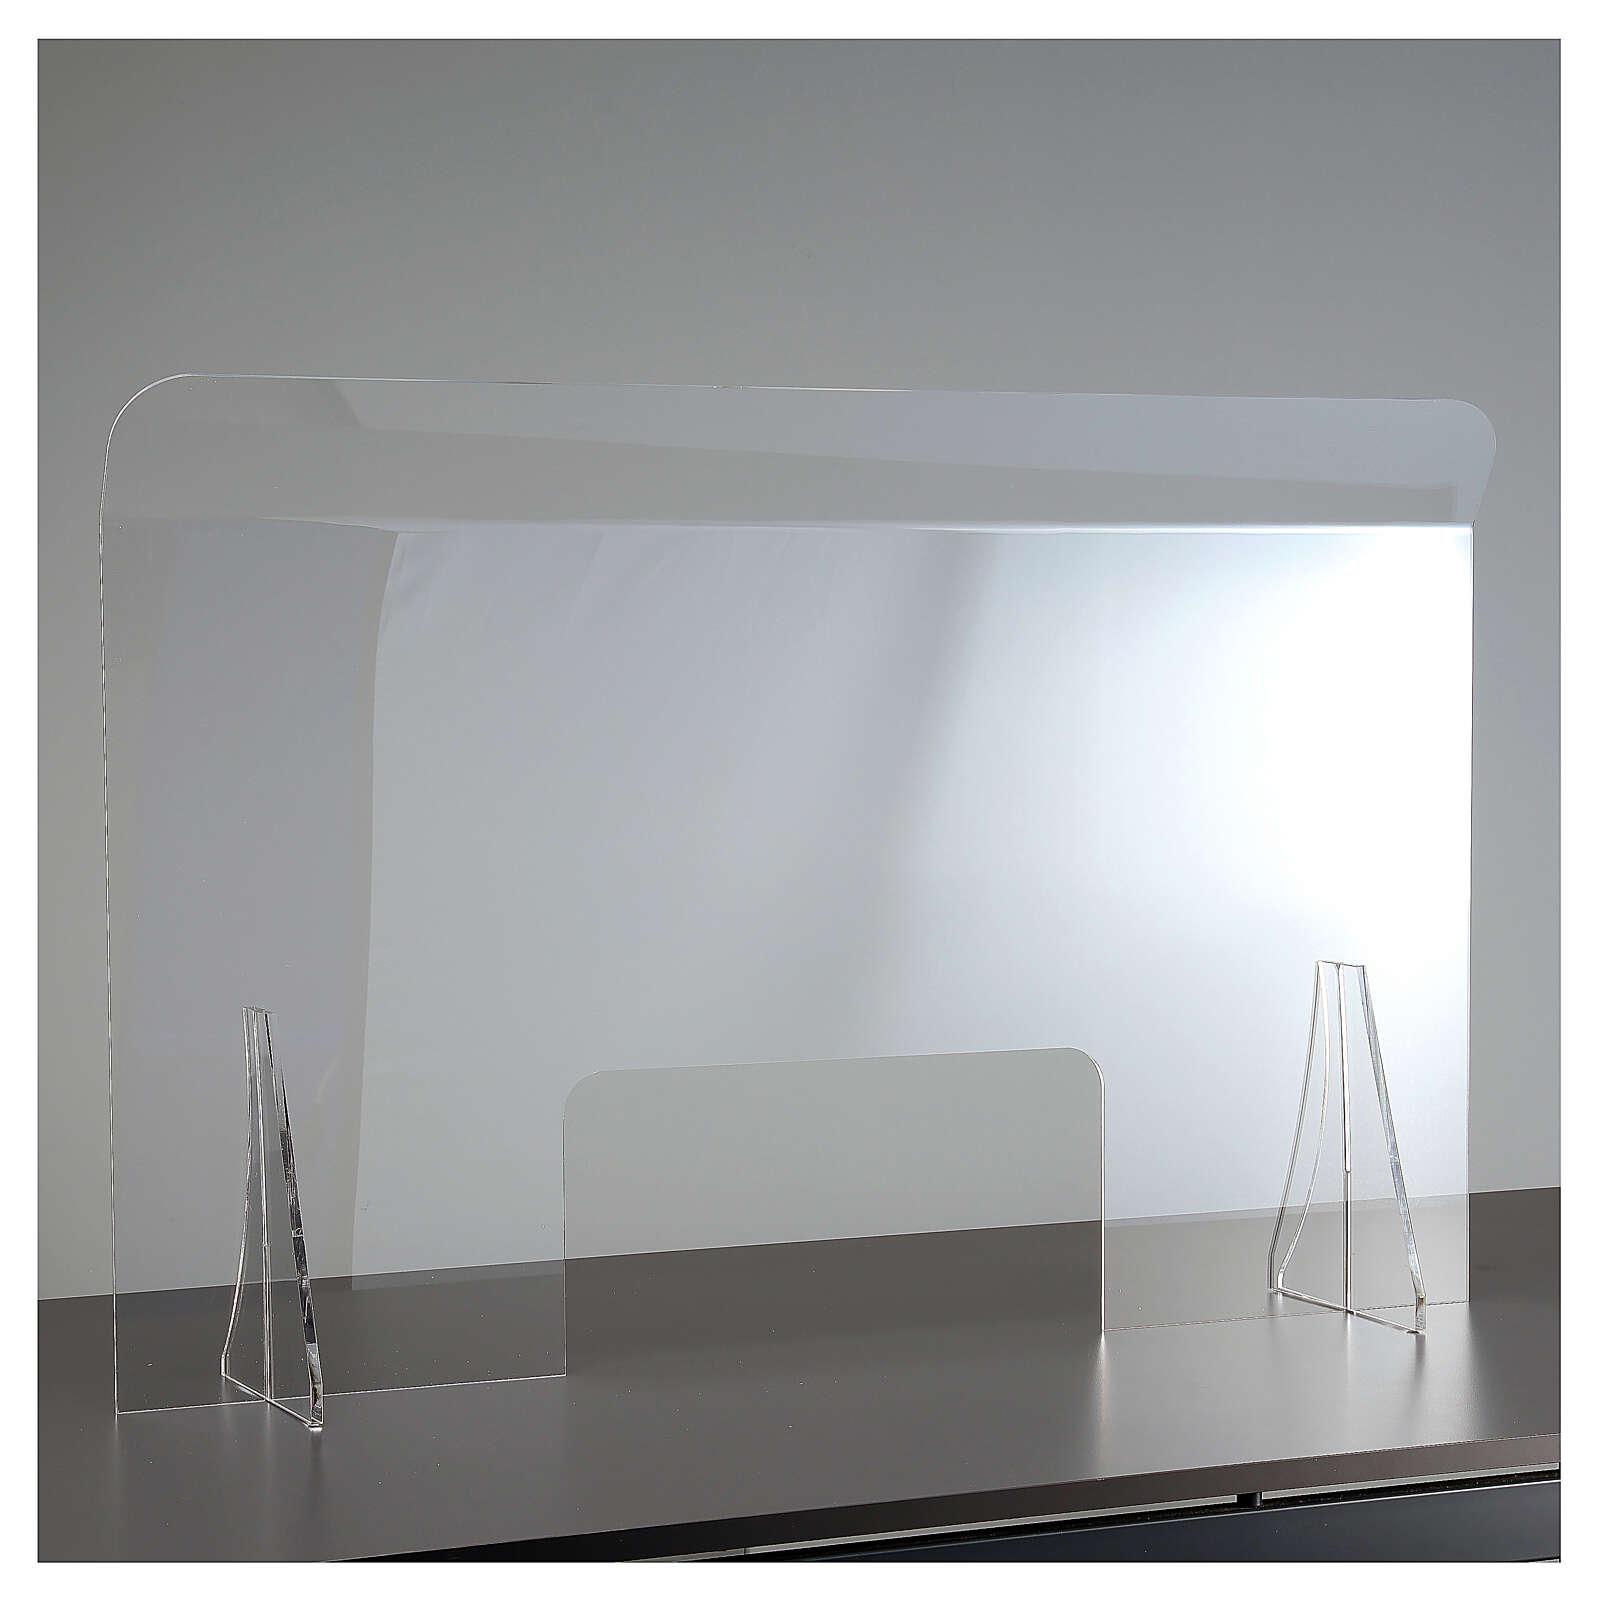 Barrière de protection plexiglas 80x100 cm fenêtre 30x50 cm 3